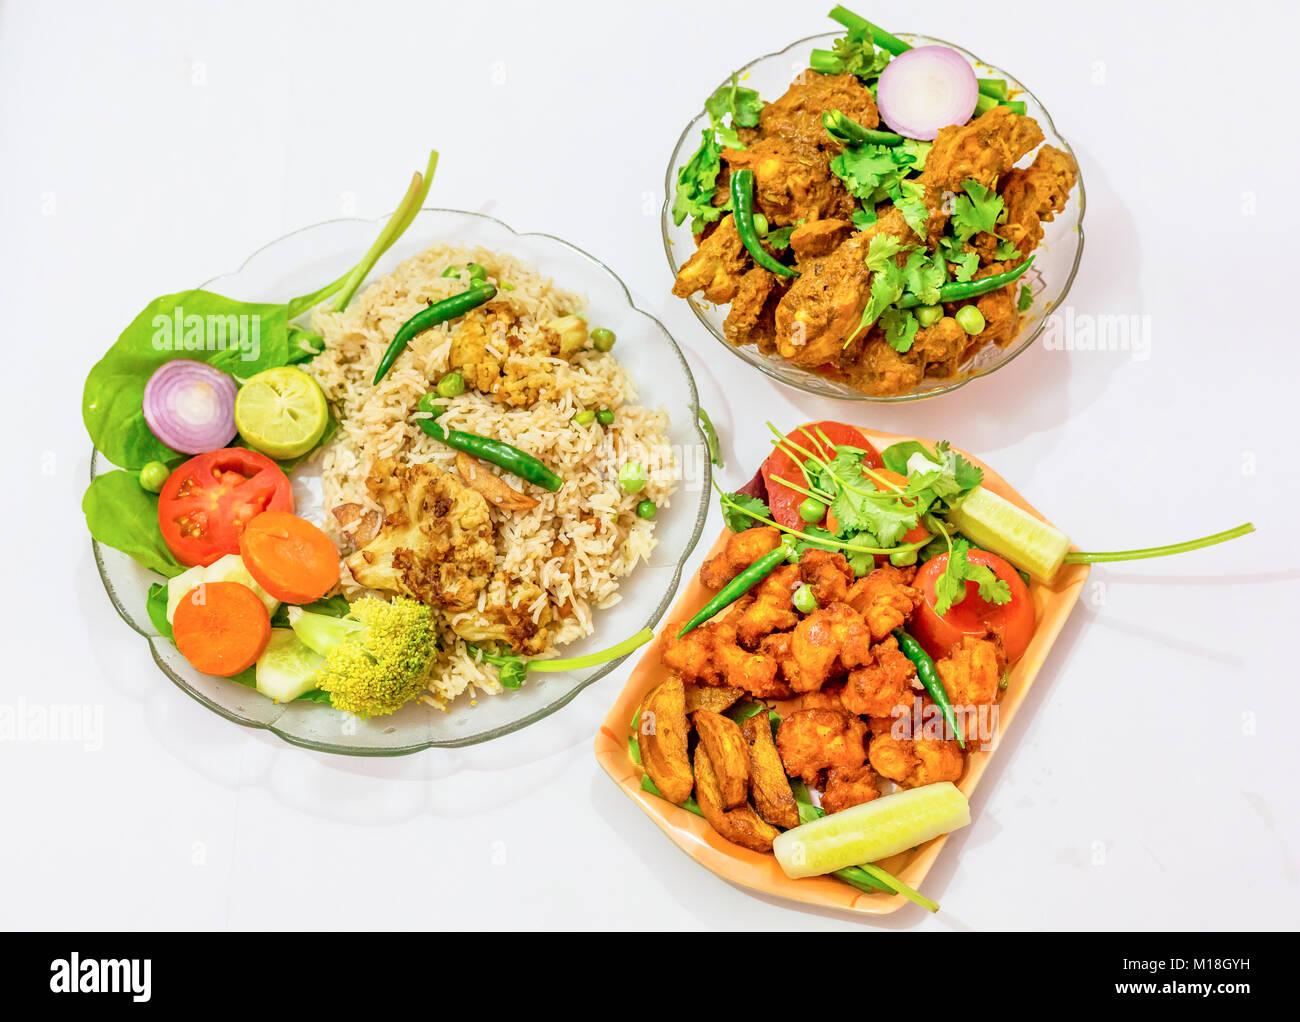 Indische Küche Gerichte Gemüse gebratener Reis und würzige Chicken kosha auf weißem Hintergrund. Stockbild